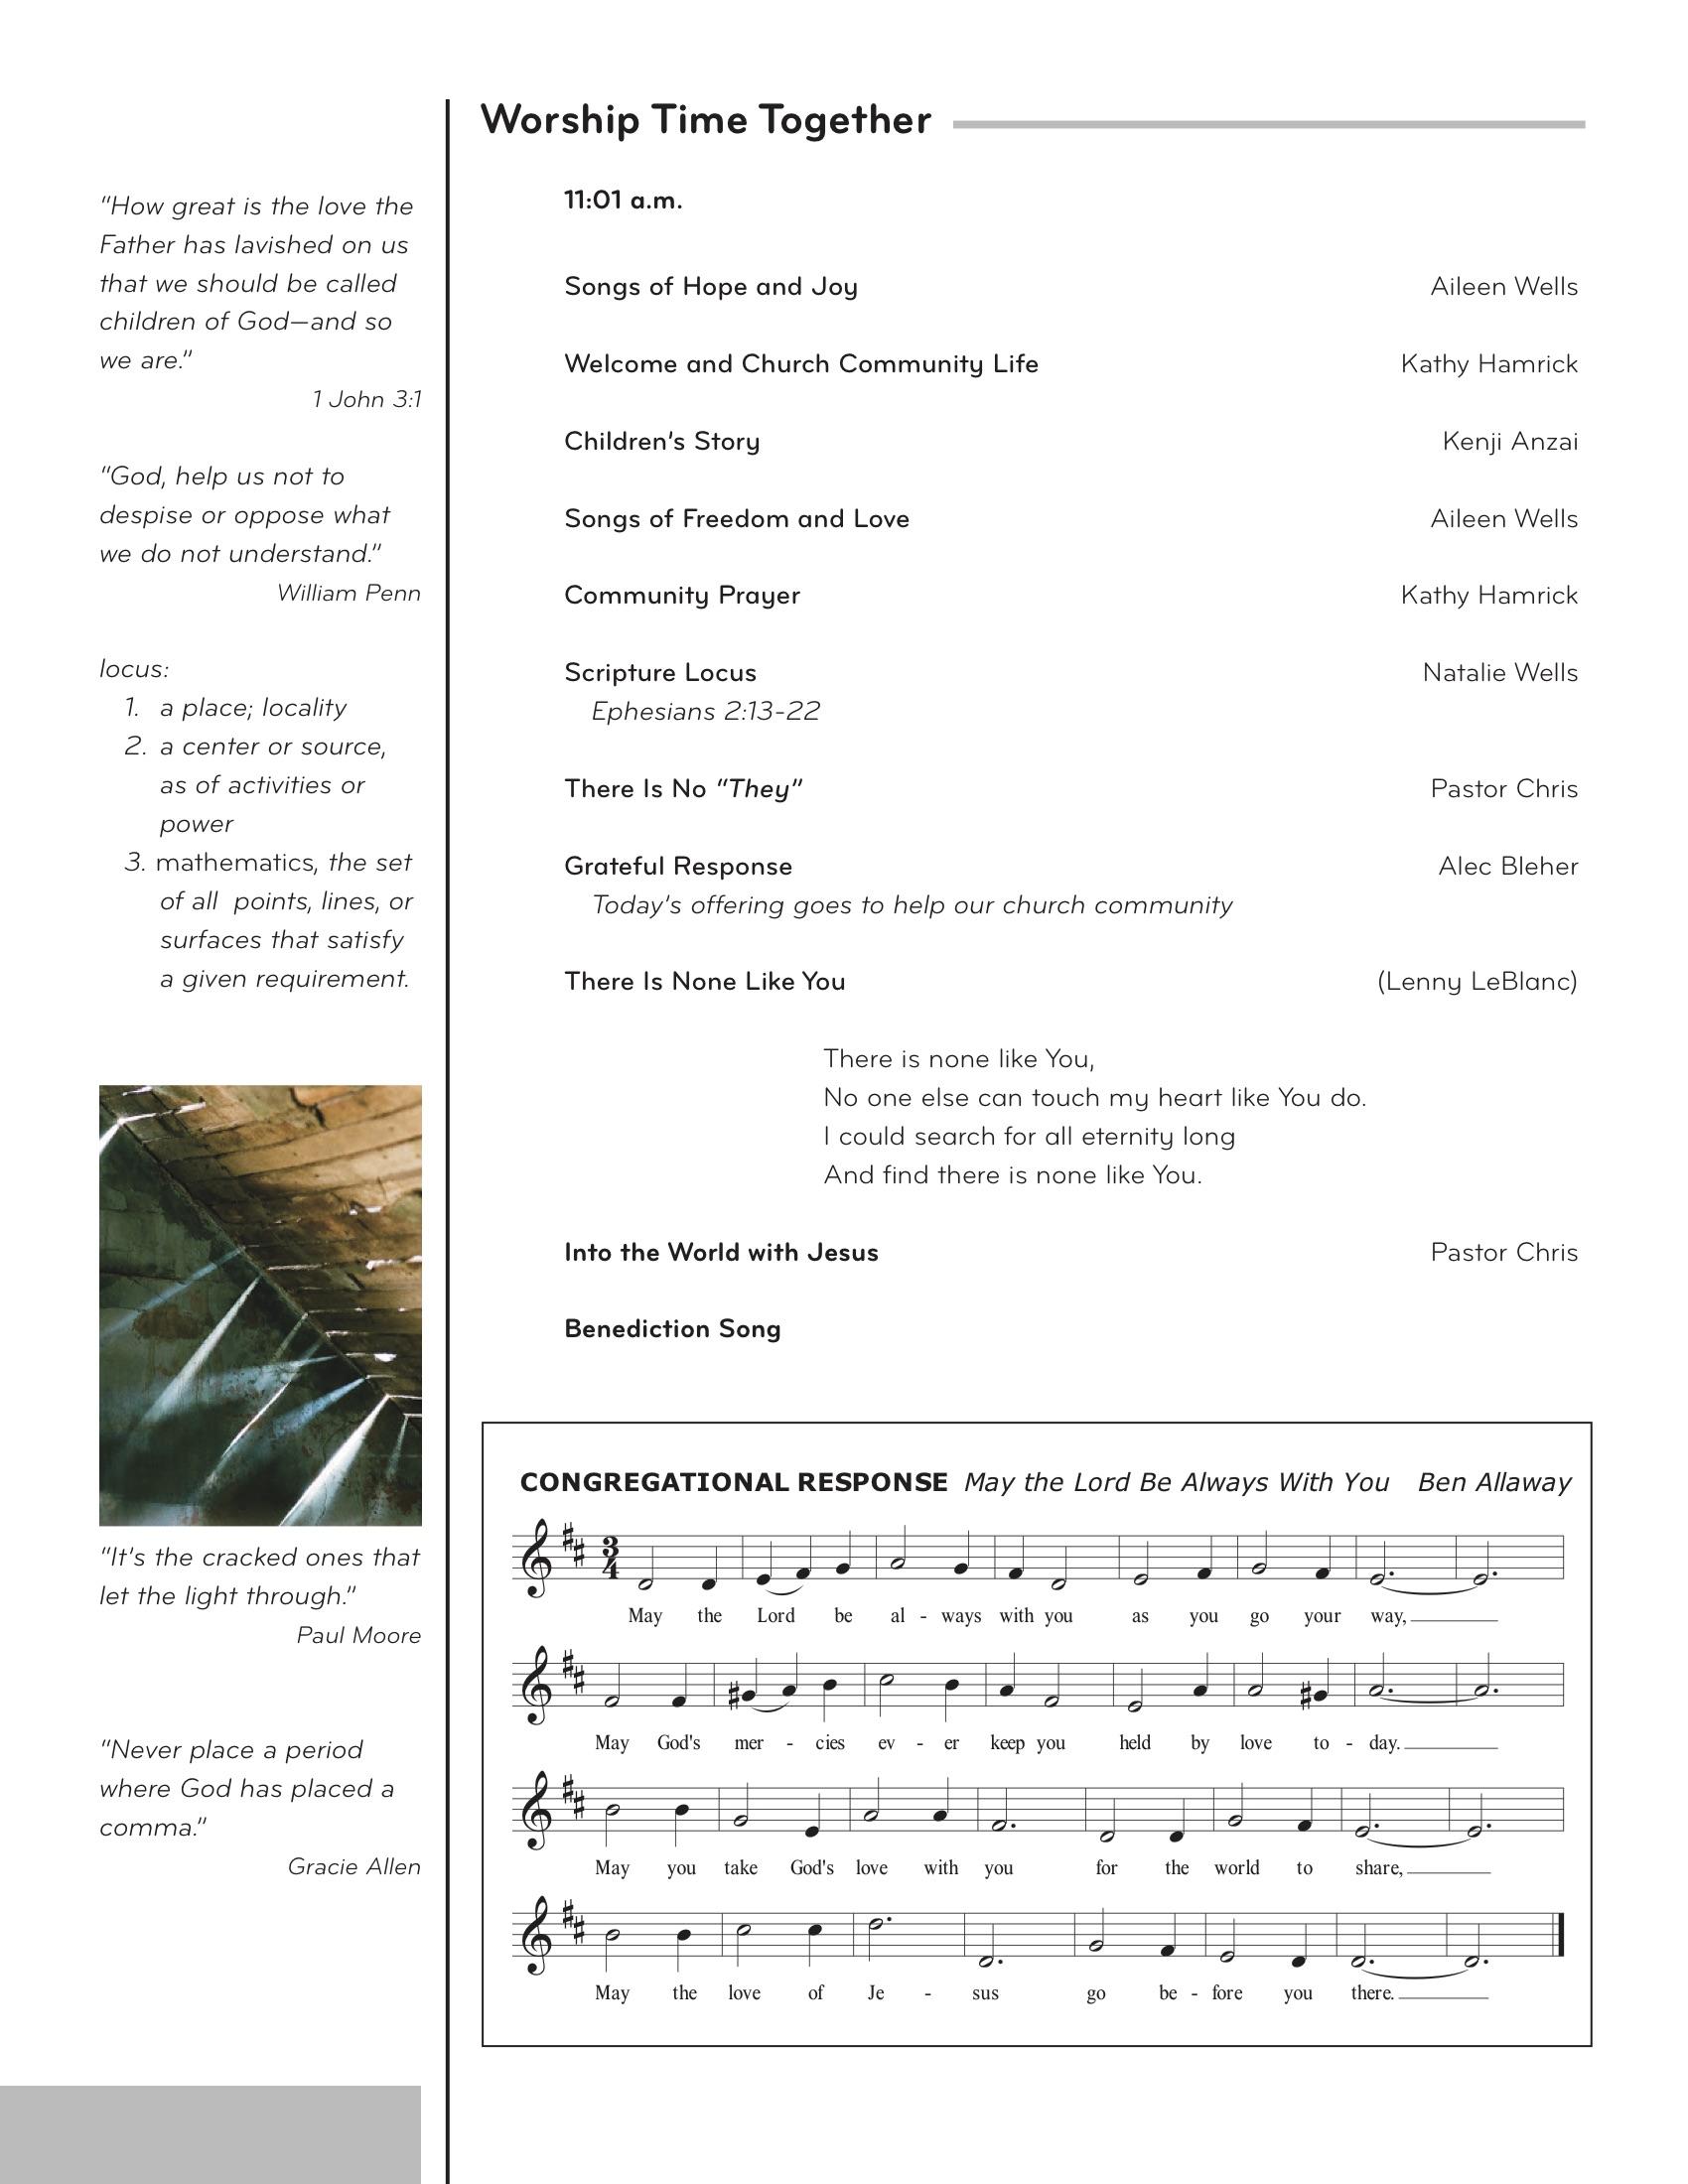 SLO Bulletin 9-22-18 (2).jpg